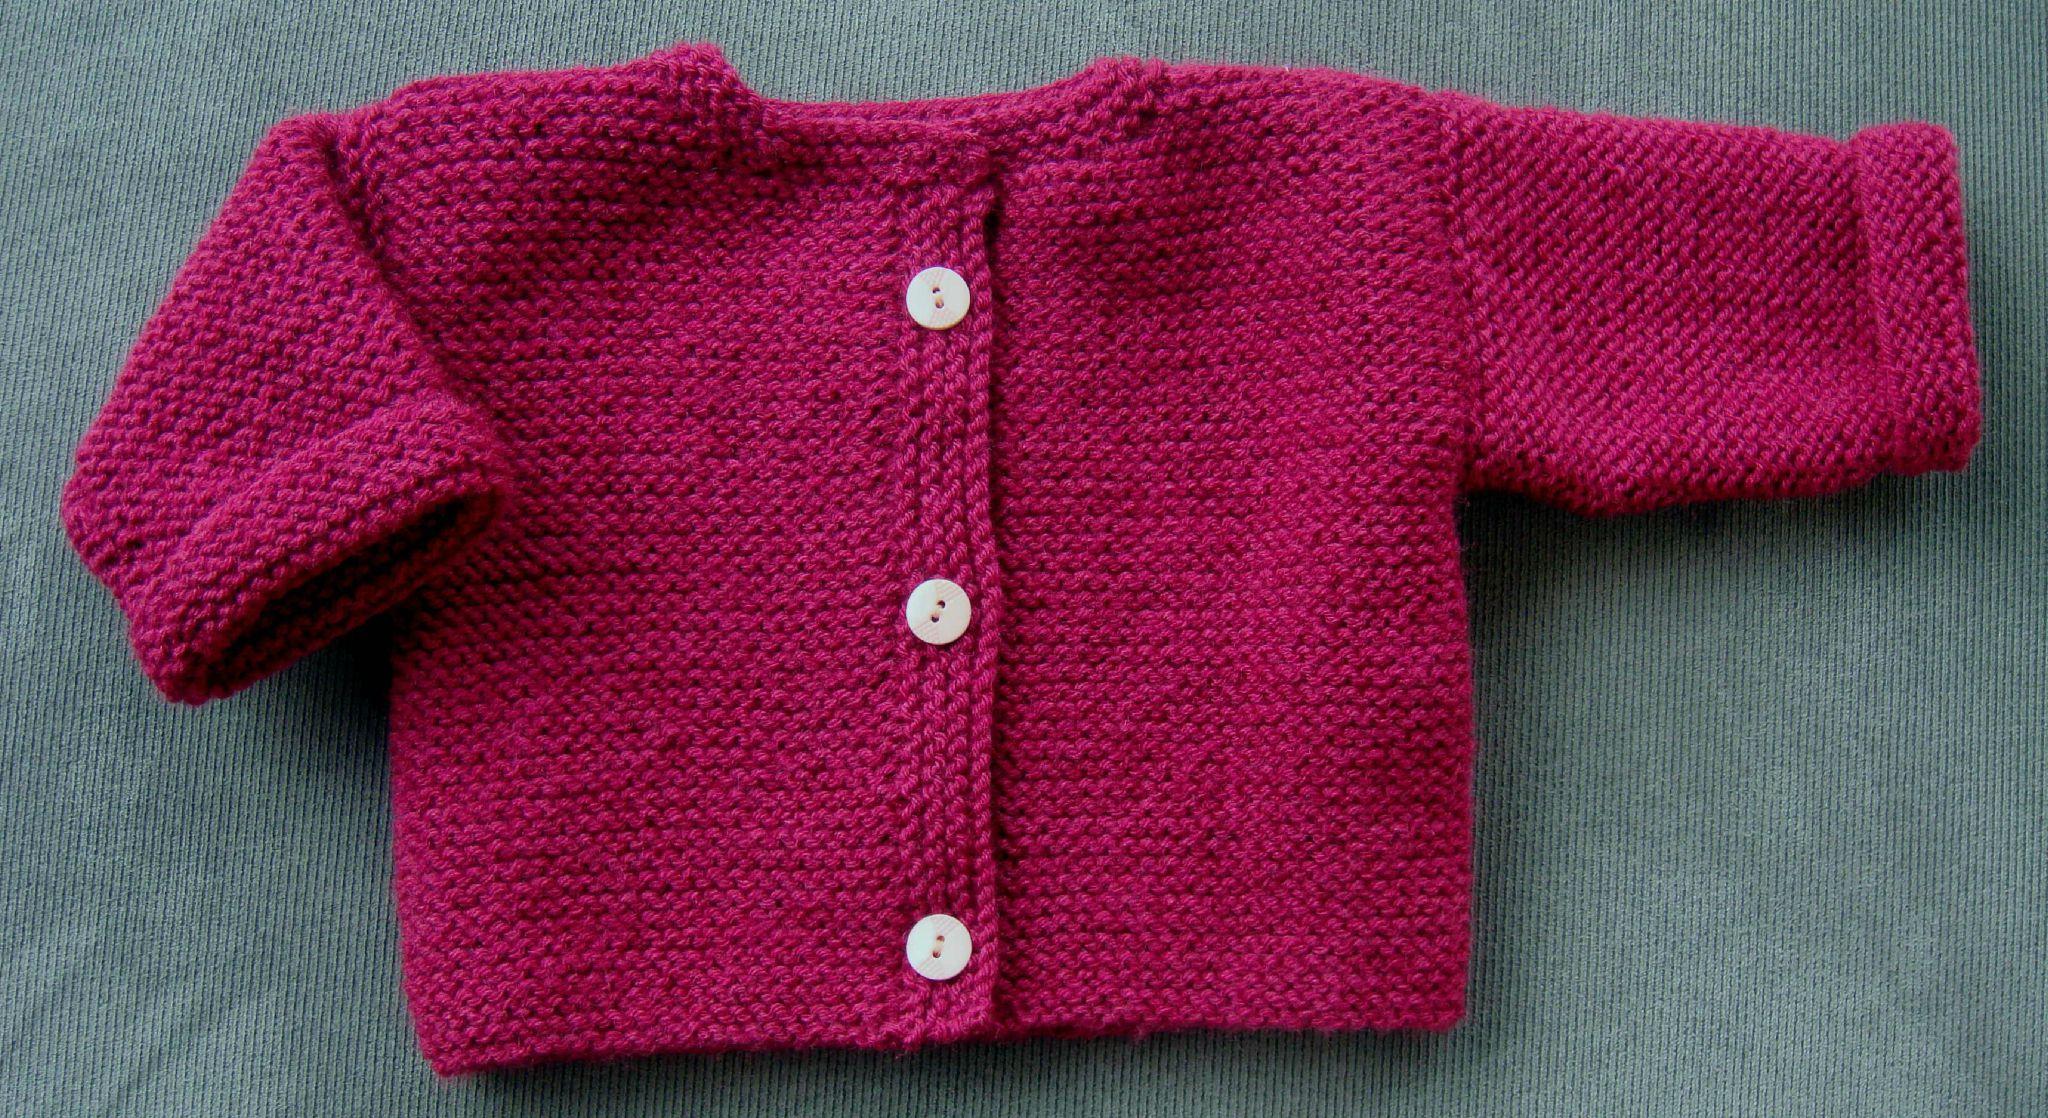 Extrem Modèle tricot gratuit gilet bébé fille - Chapka, doudoune, pull  KU26